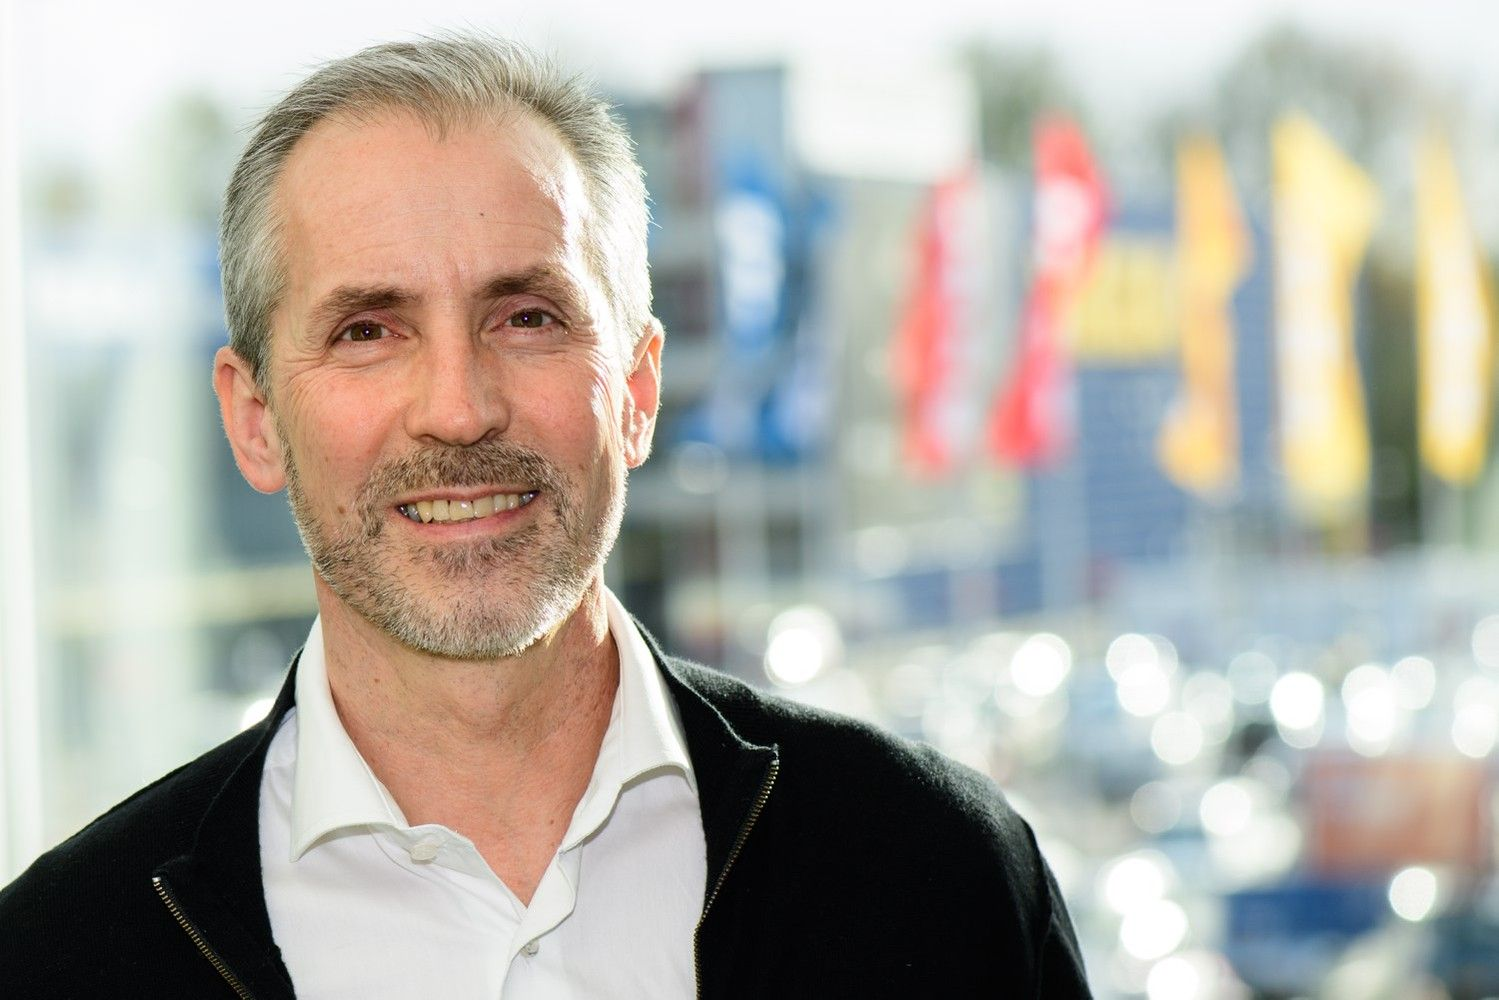 IKEA savo e. platformoje prekiaus ir konkurentų gaminiais